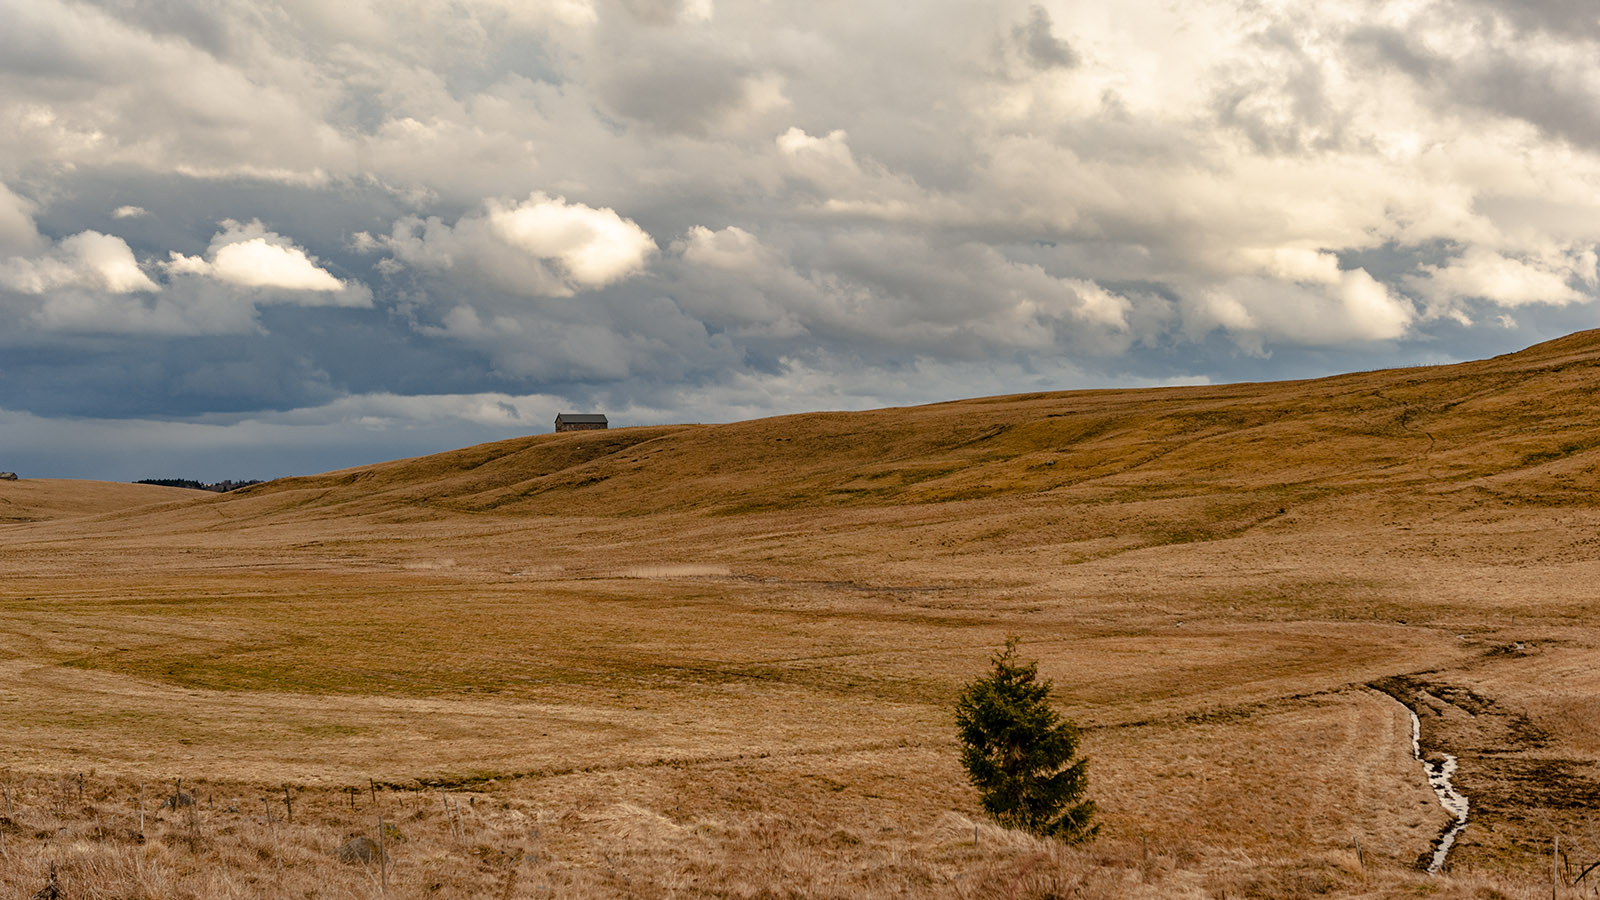 Diagonale vide: Im Cantal bei Ségur-les-Villas. credits_Hilke Maunder